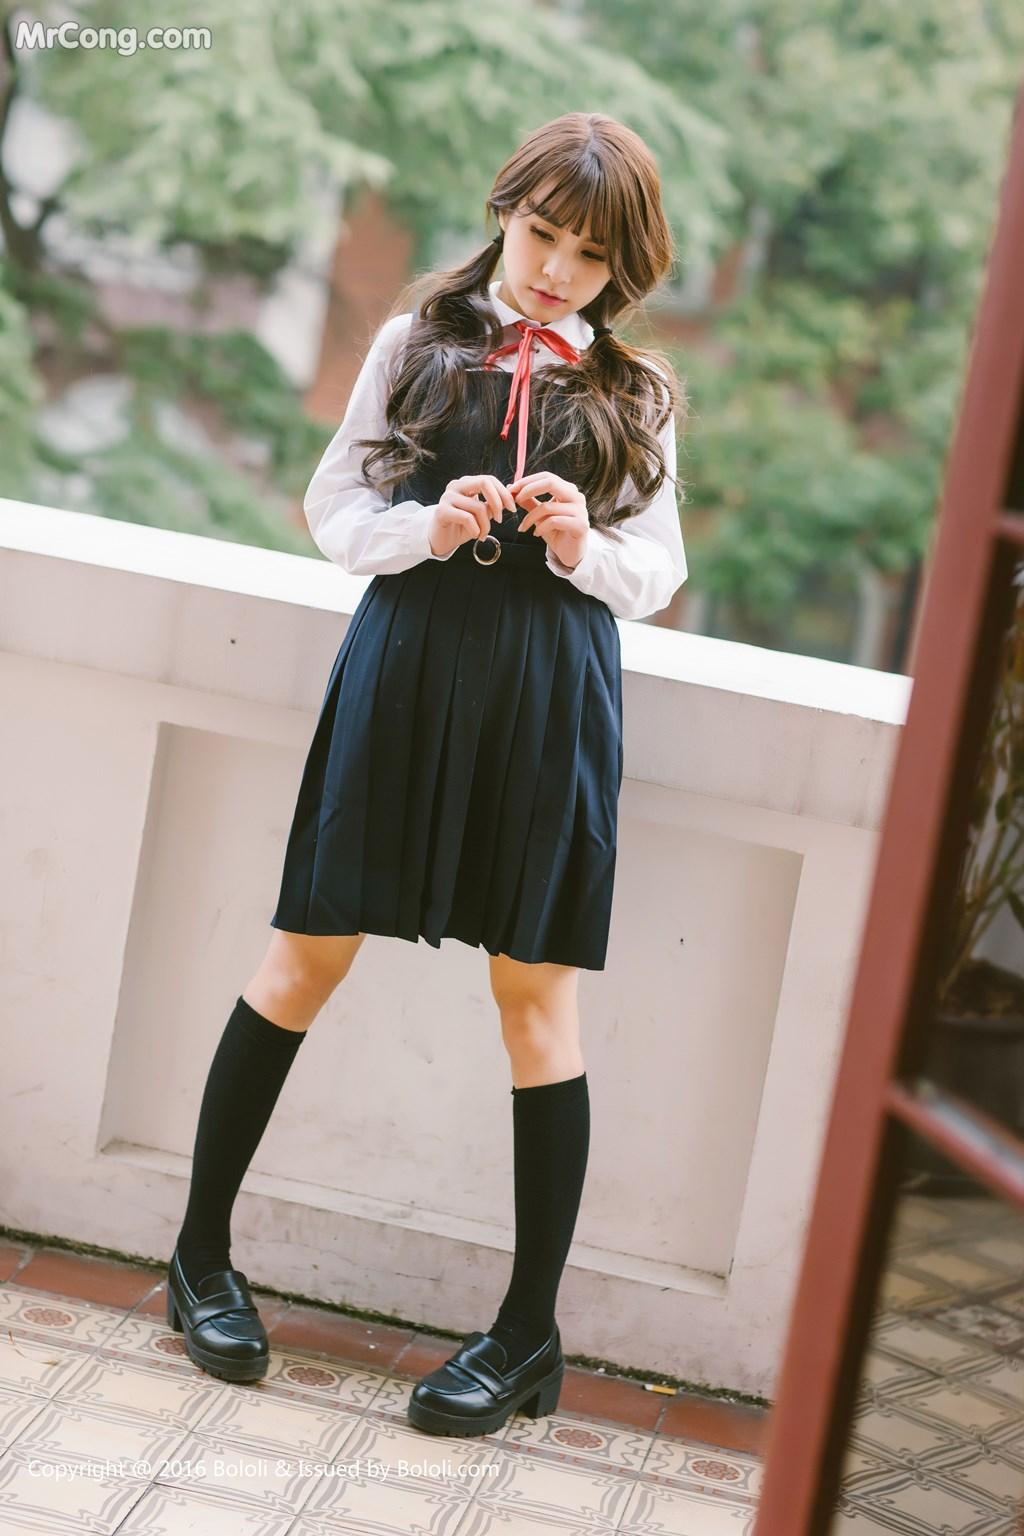 Image Tukmo-Vol.113-Xia-Mei-Jiang-MrCong.com-003 in post Tukmo Vol.113: Người mẫu Xia Mei Jiang (夏美酱) (63 ảnh)